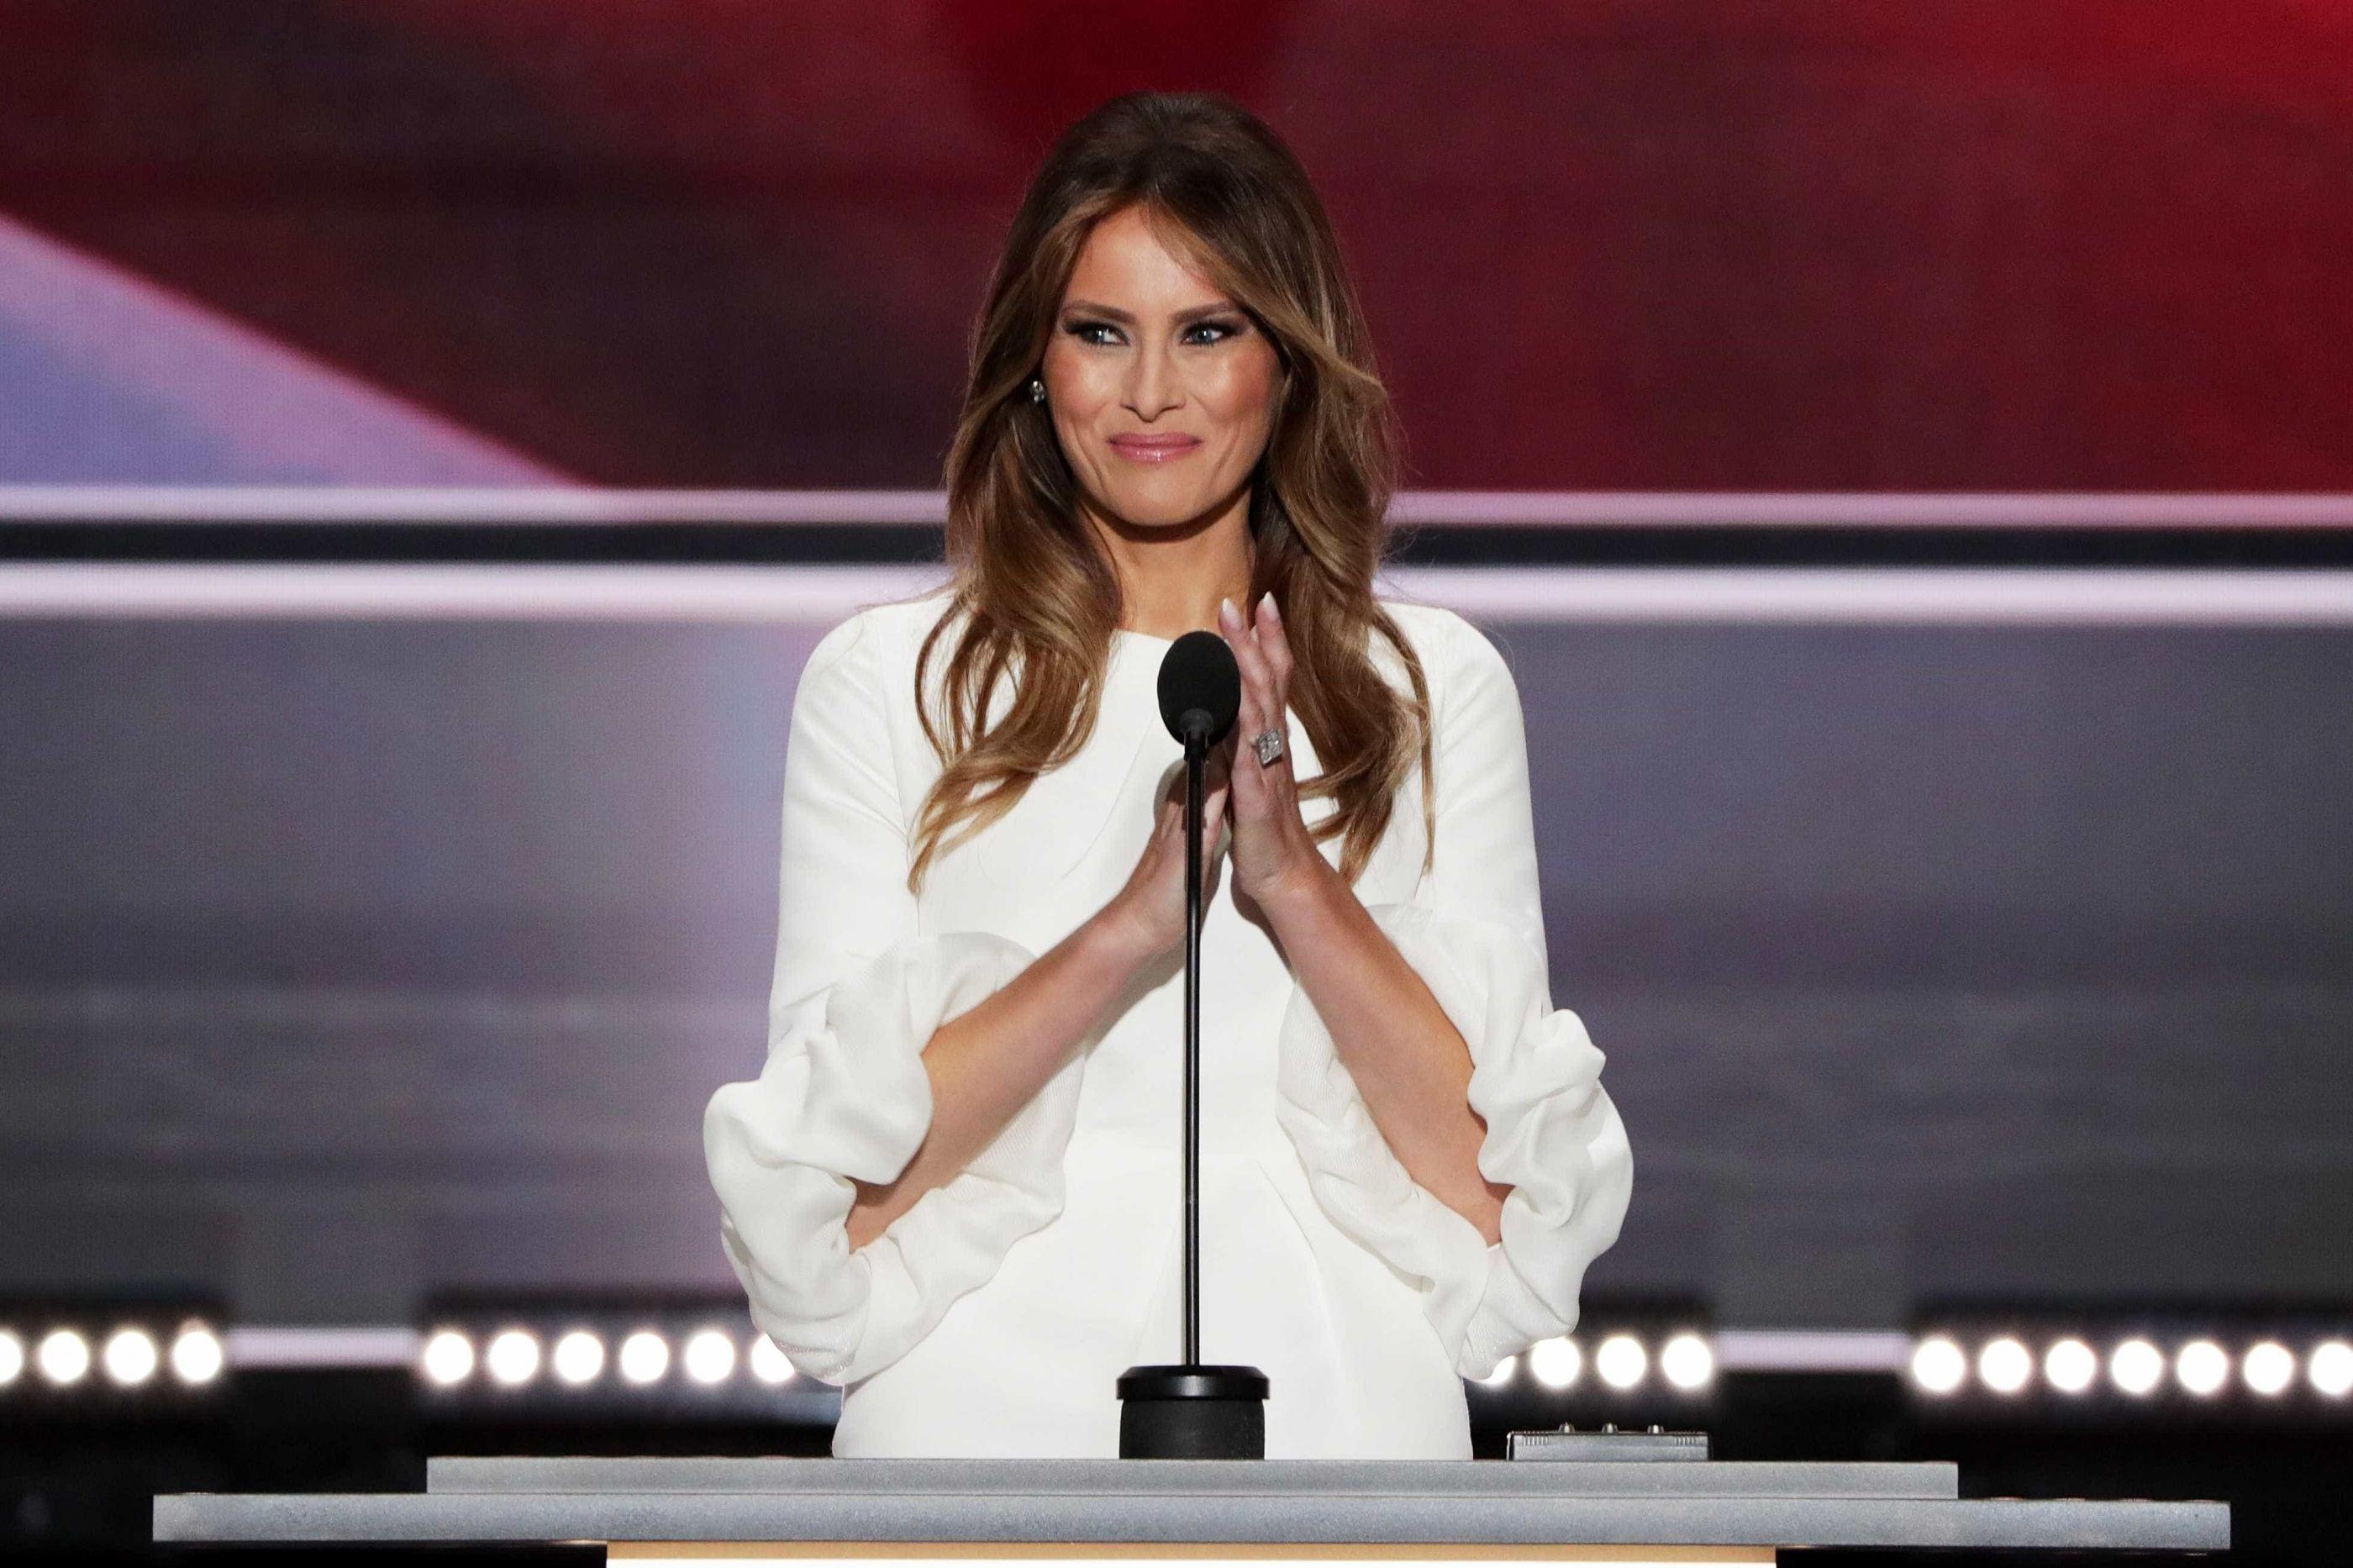 O novo visual de Melania Trump que não passou despercebido